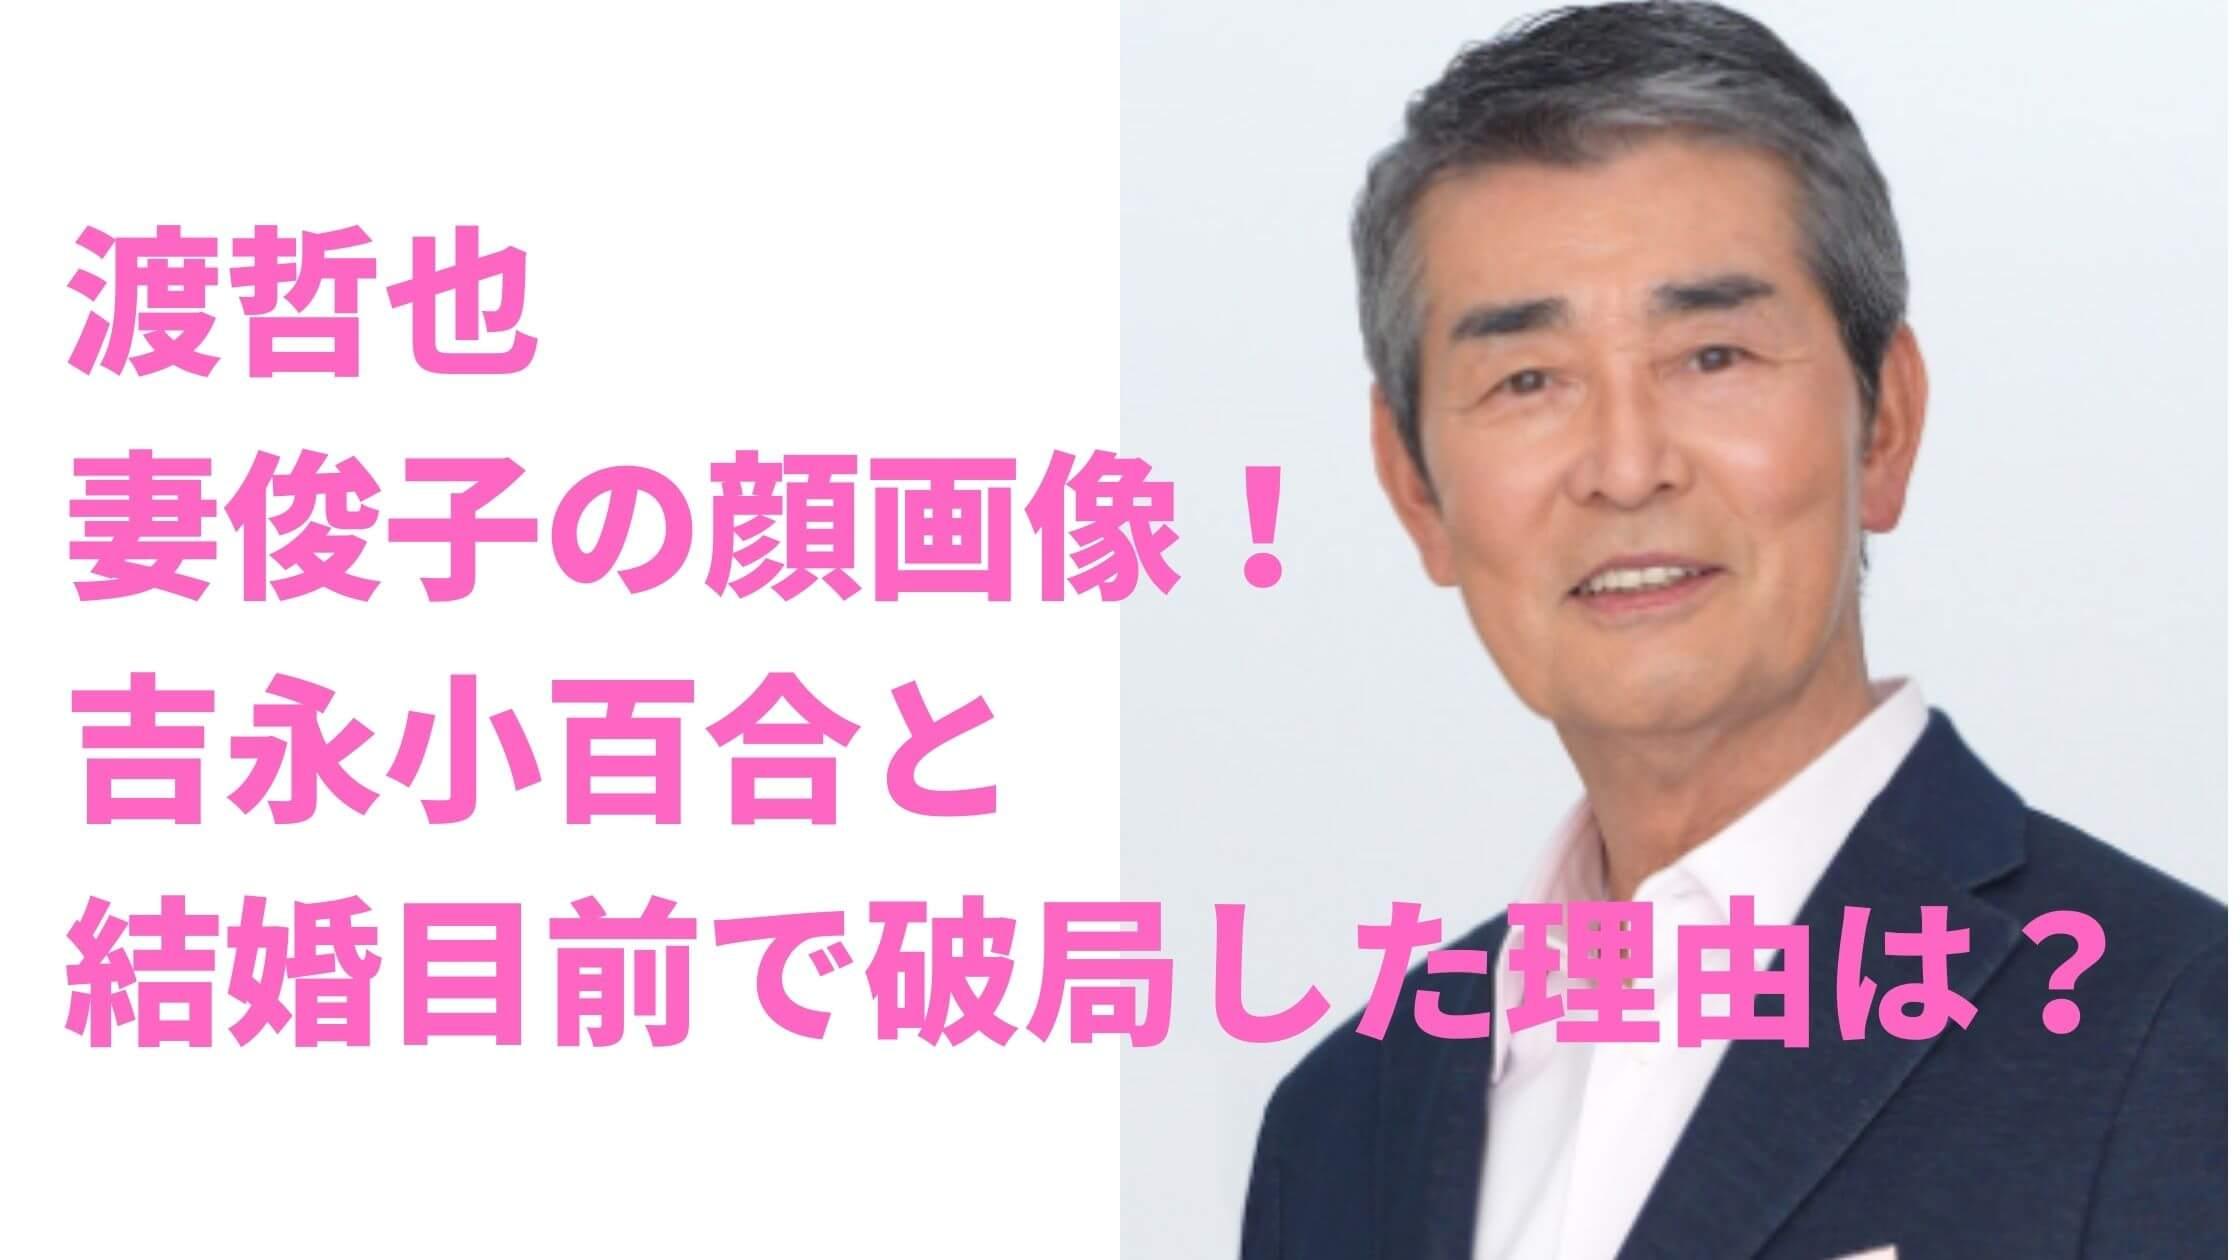 渡哲也 嫁顔画像 吉永小百合